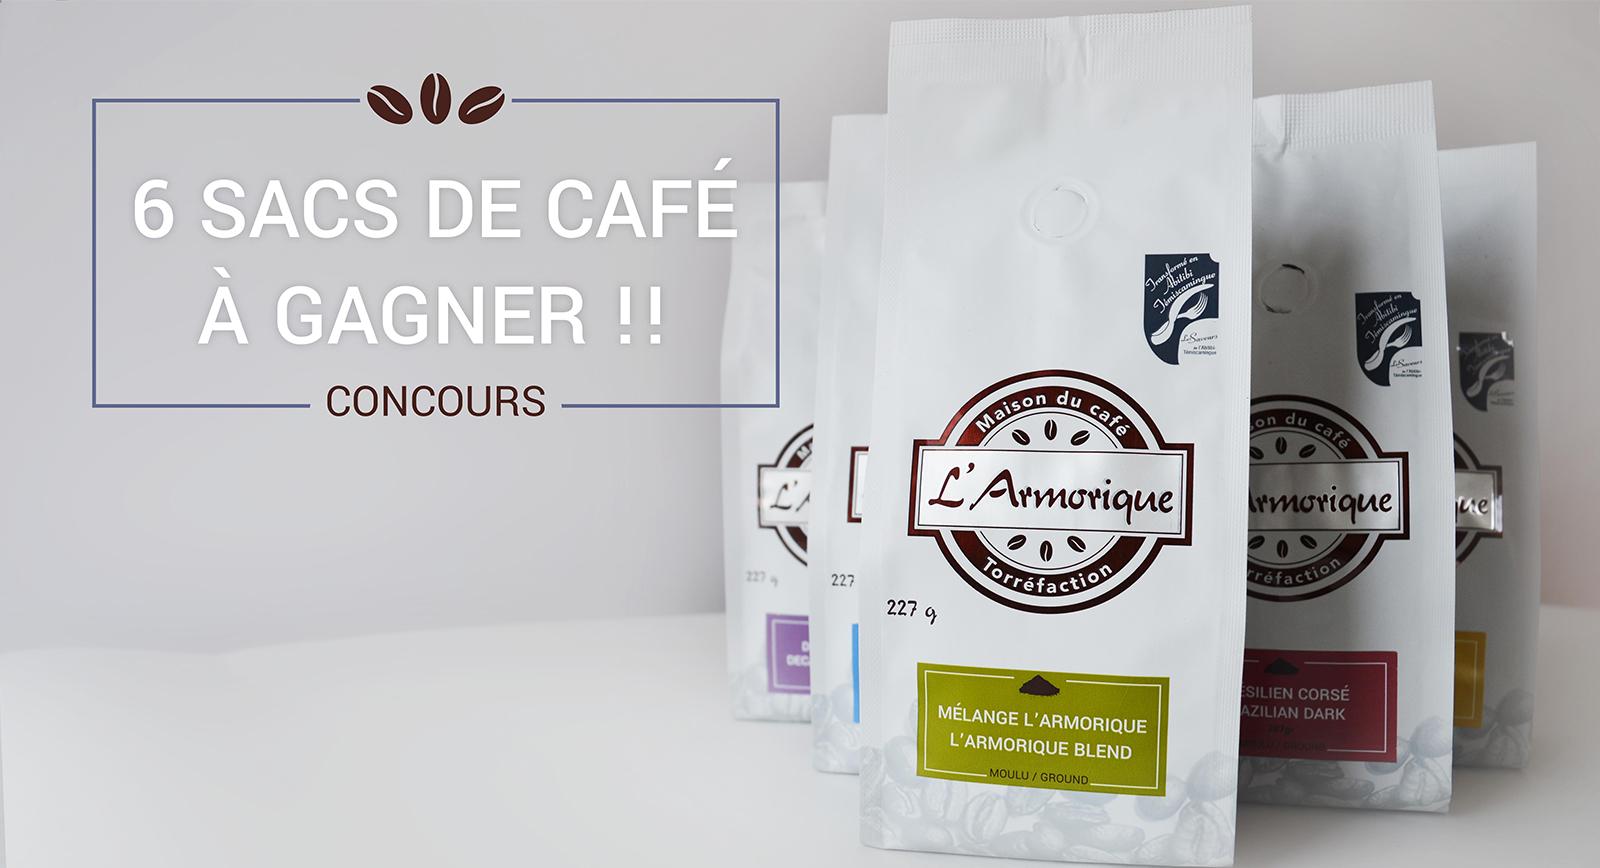 Concours Café Armorique